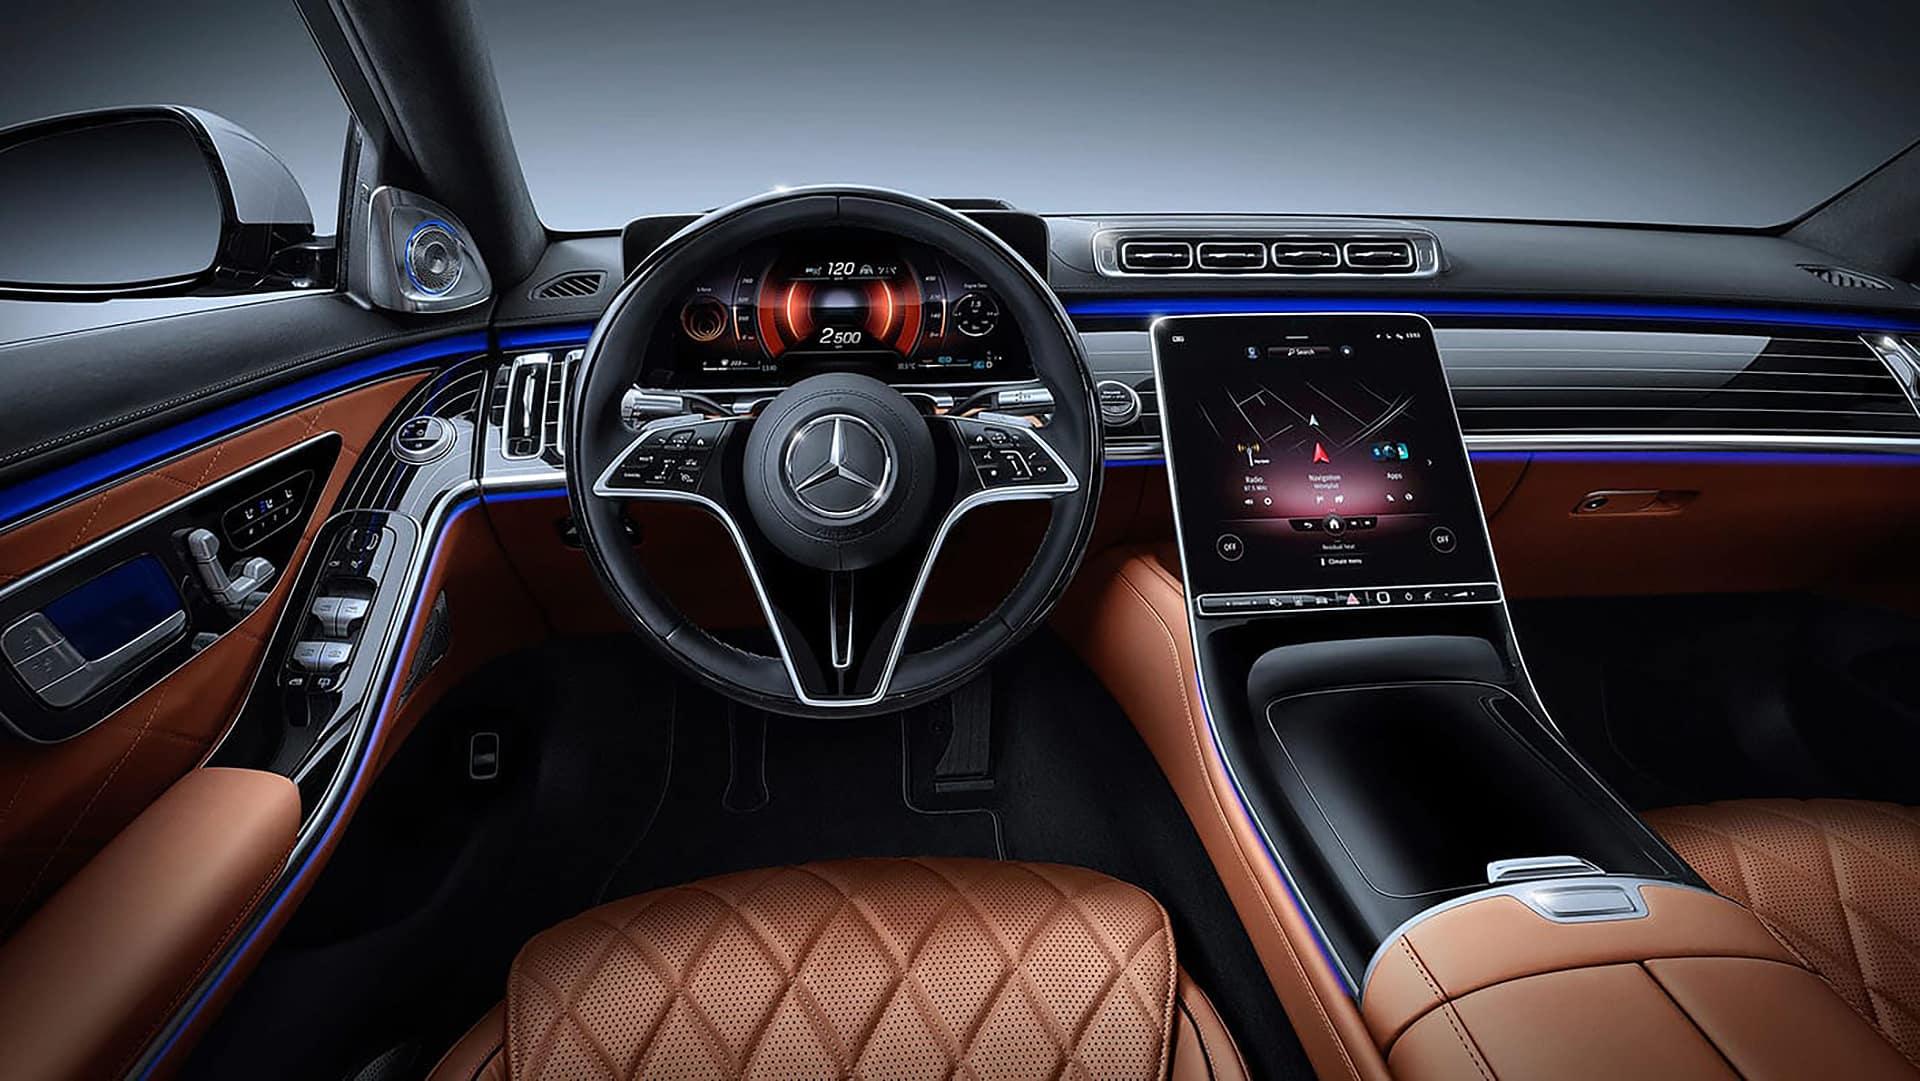 2021 Mercedes-Benz S-Class Technology